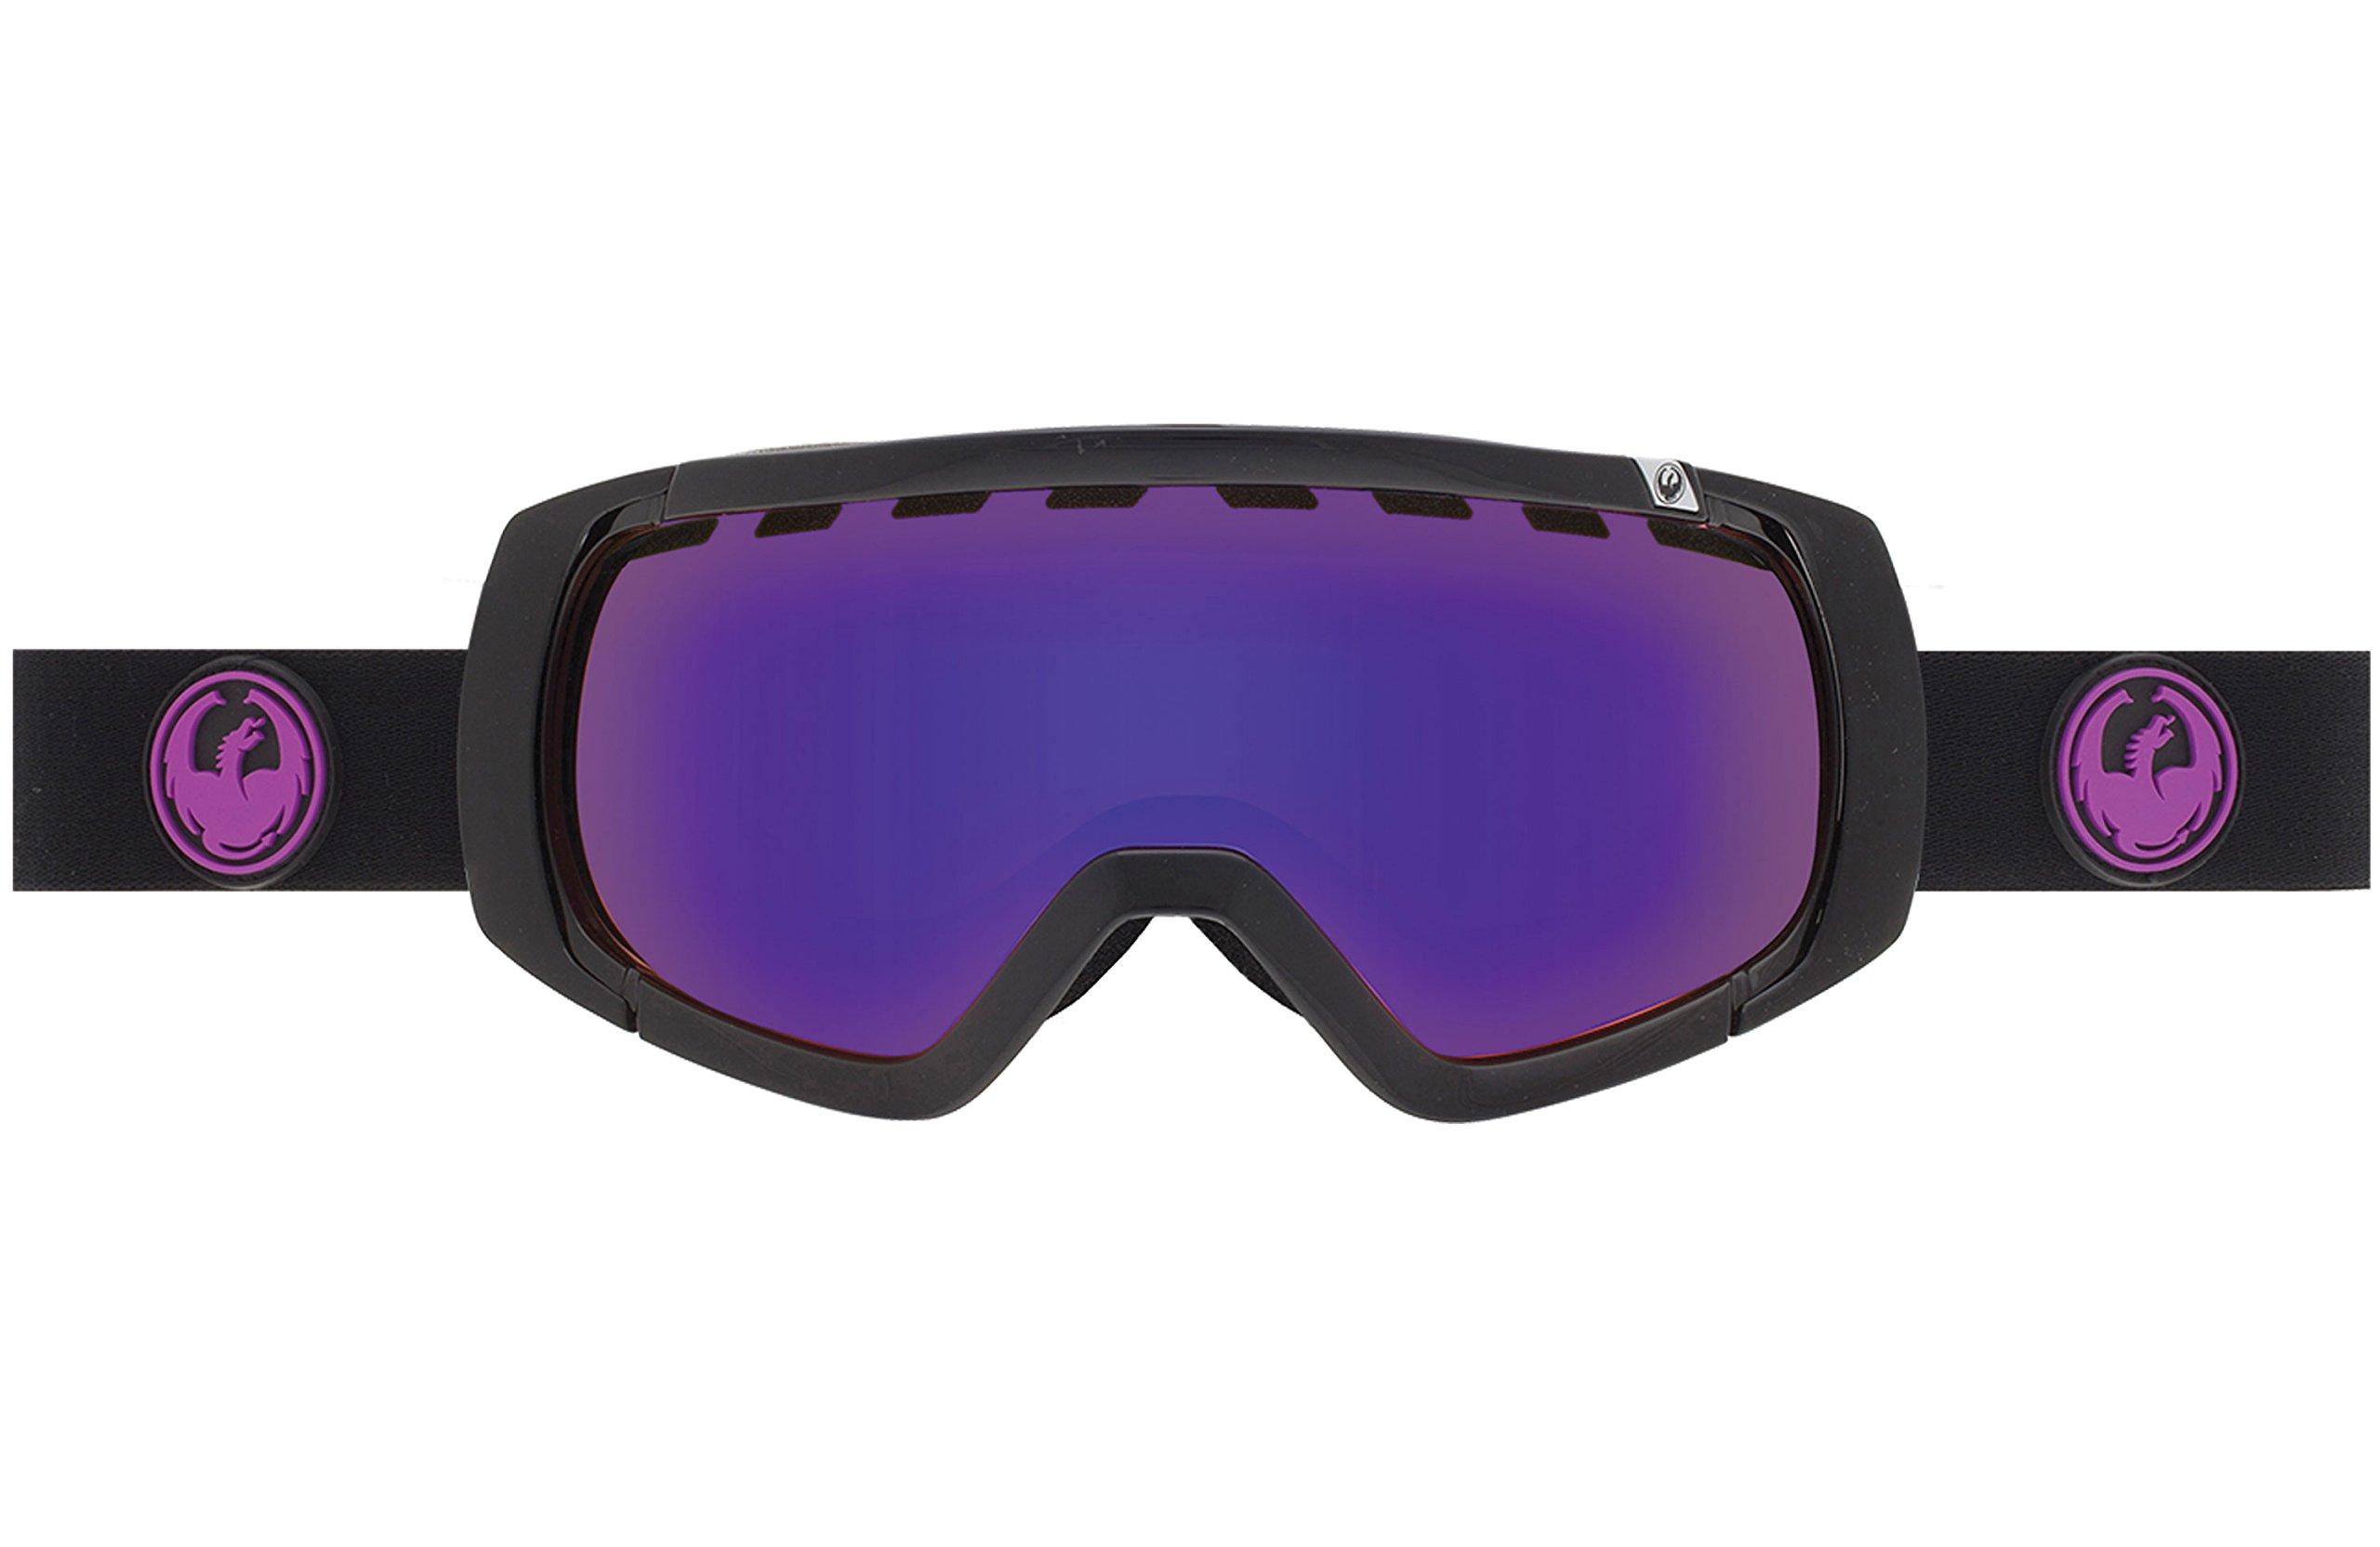 ddb87d8463e Product Details. Color  Jet-Purple Ion Brand  Dragon Alliance